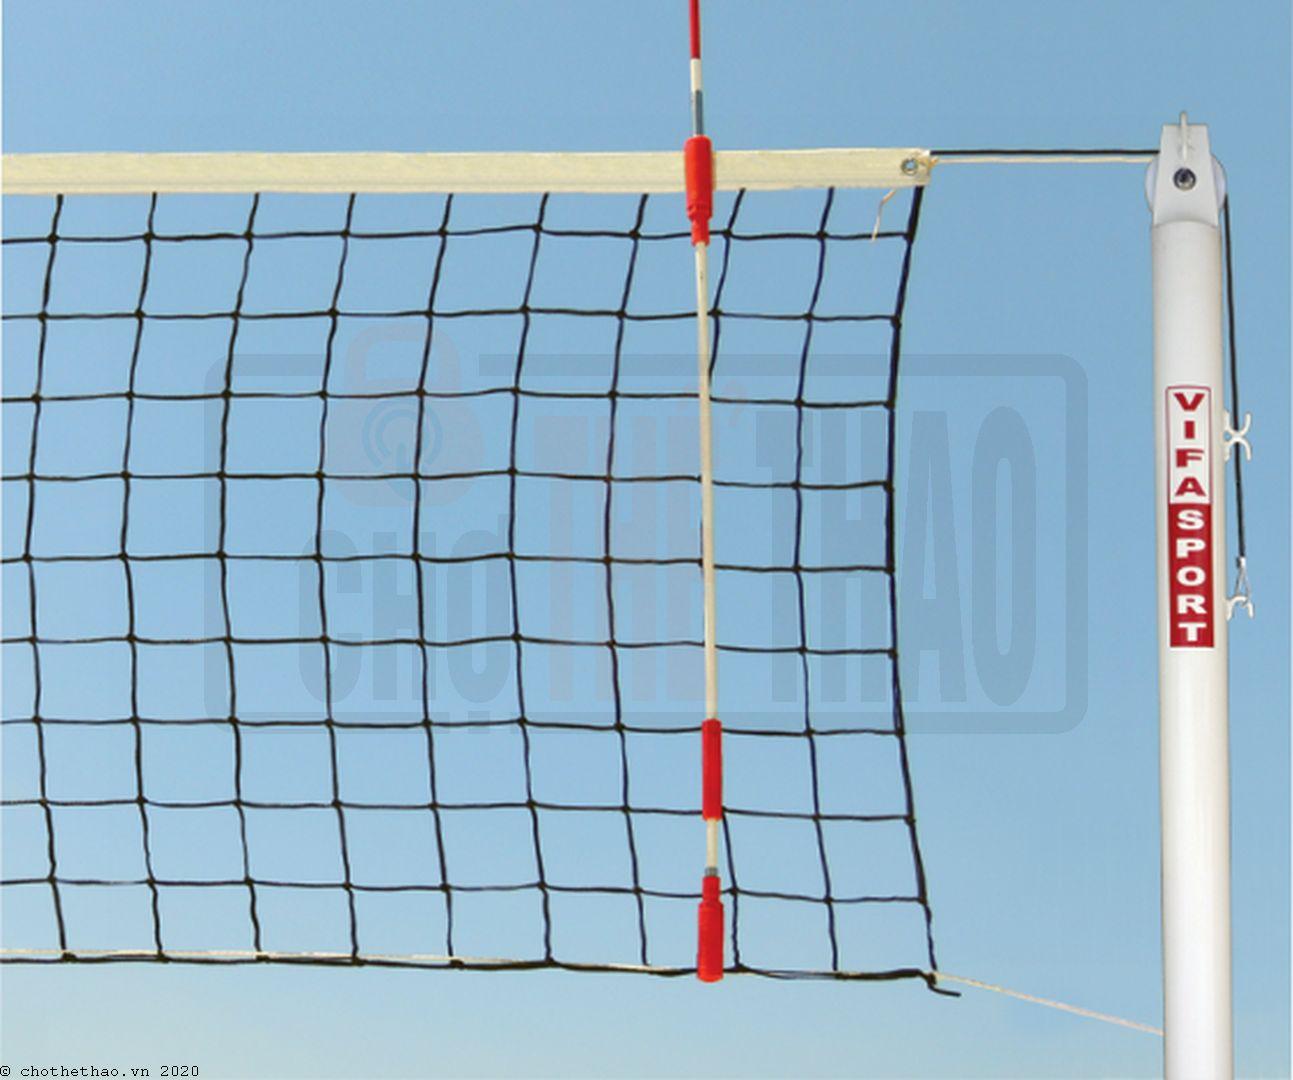 Lưới bóng chuyền 412010